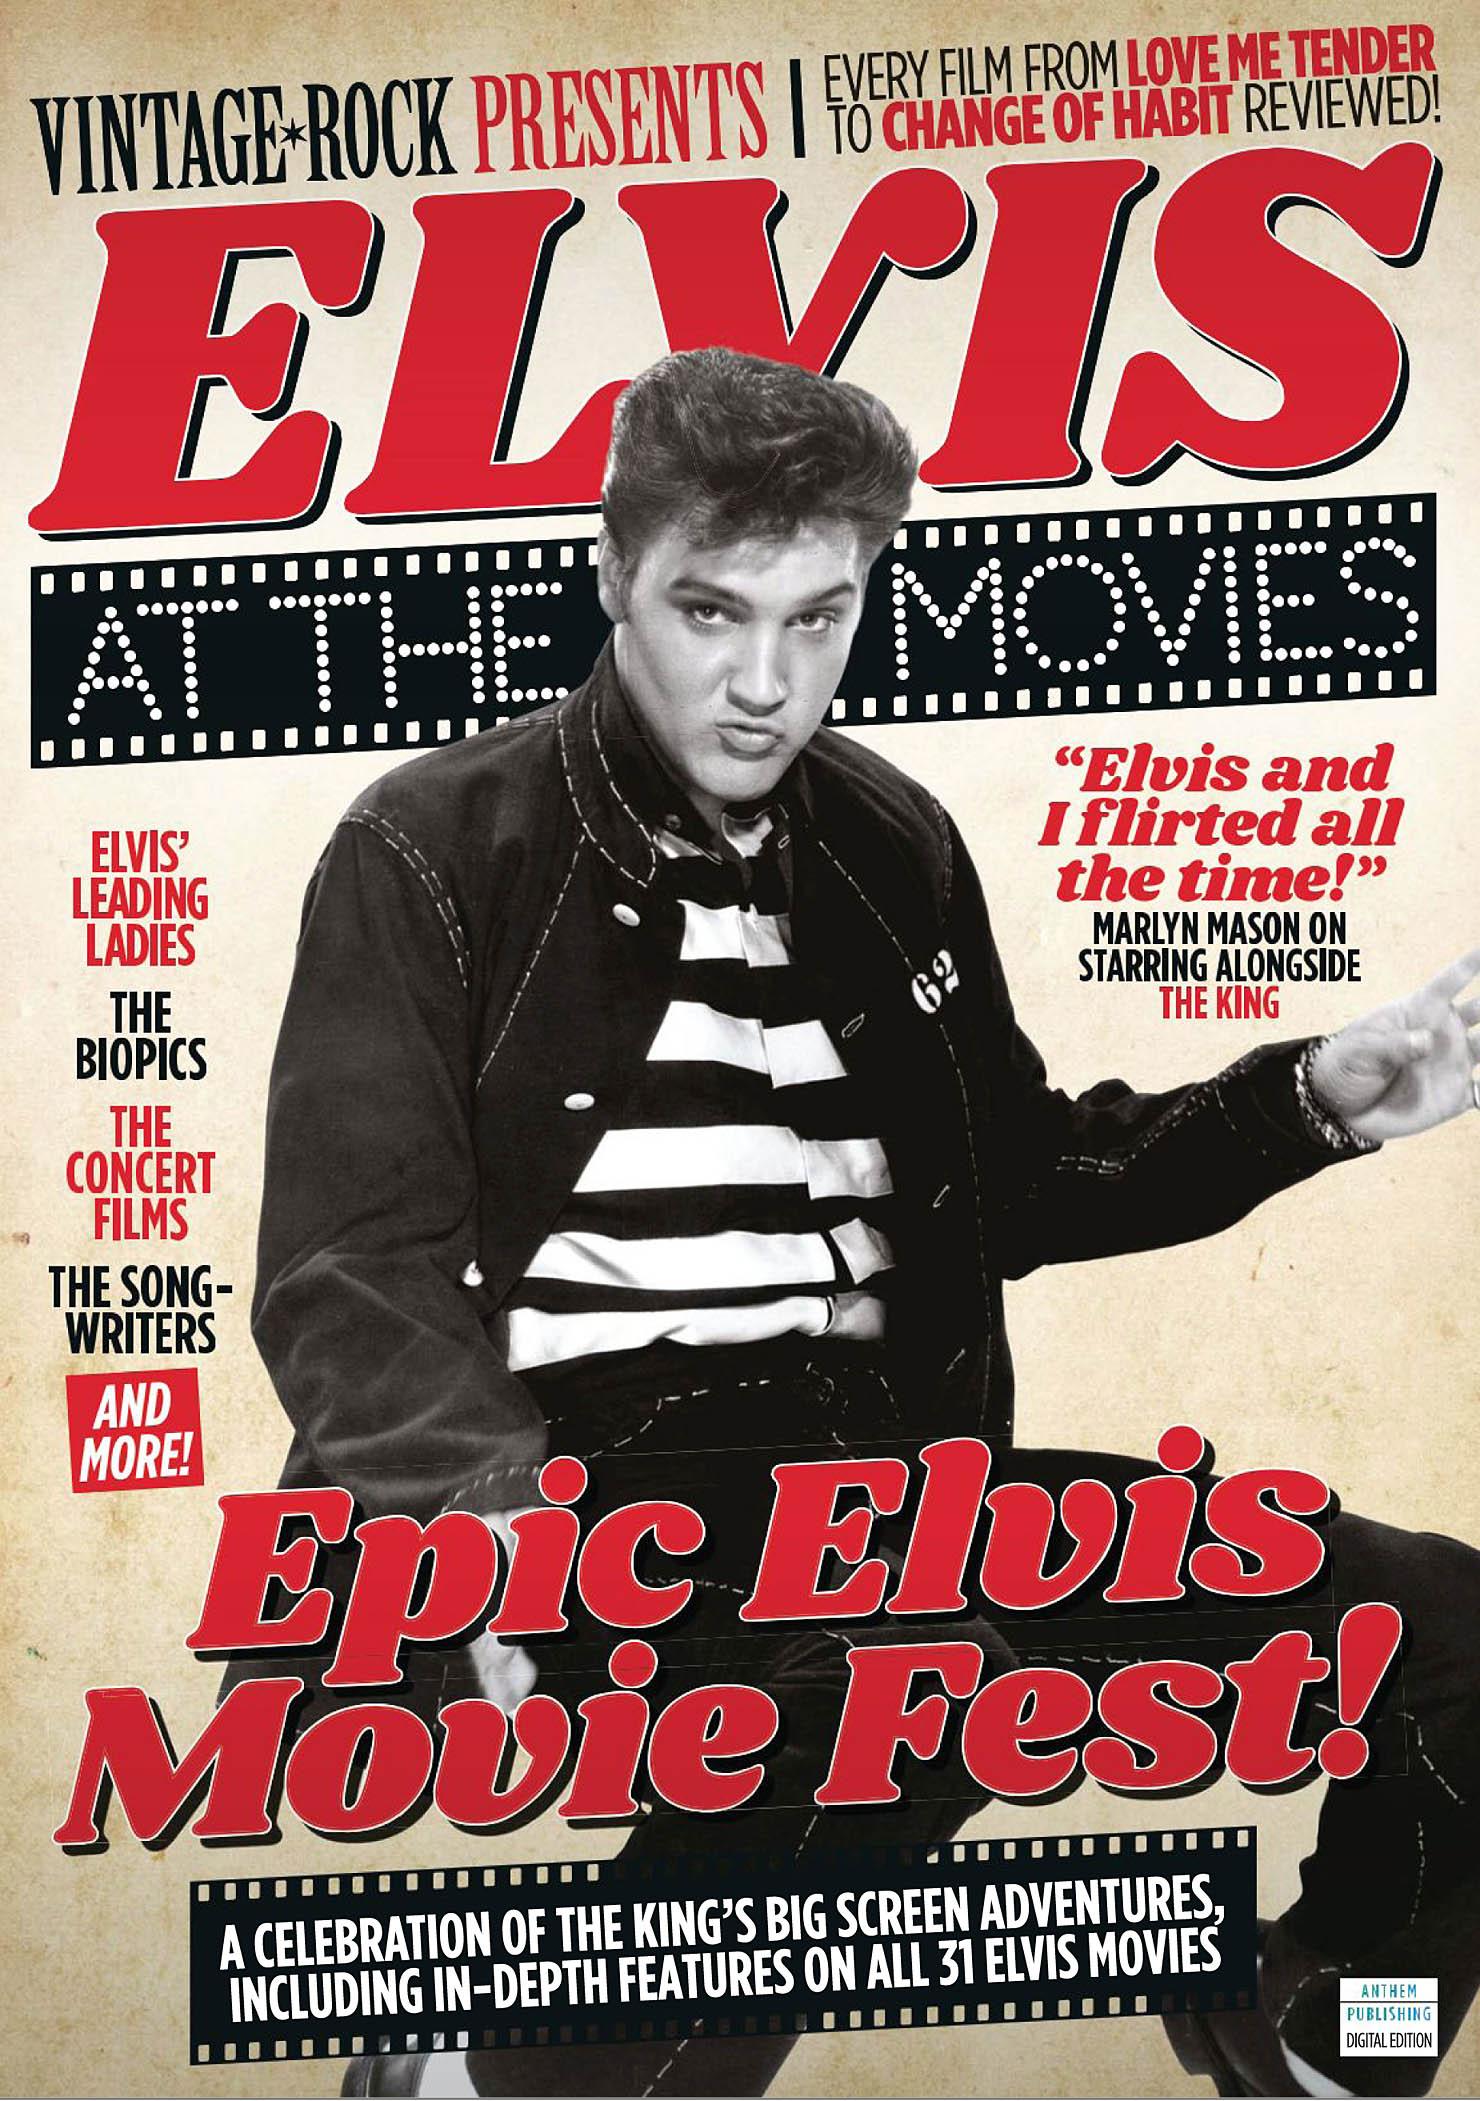 Vintage Rock Sp 17 Elvis at the Movies 2021.jpg